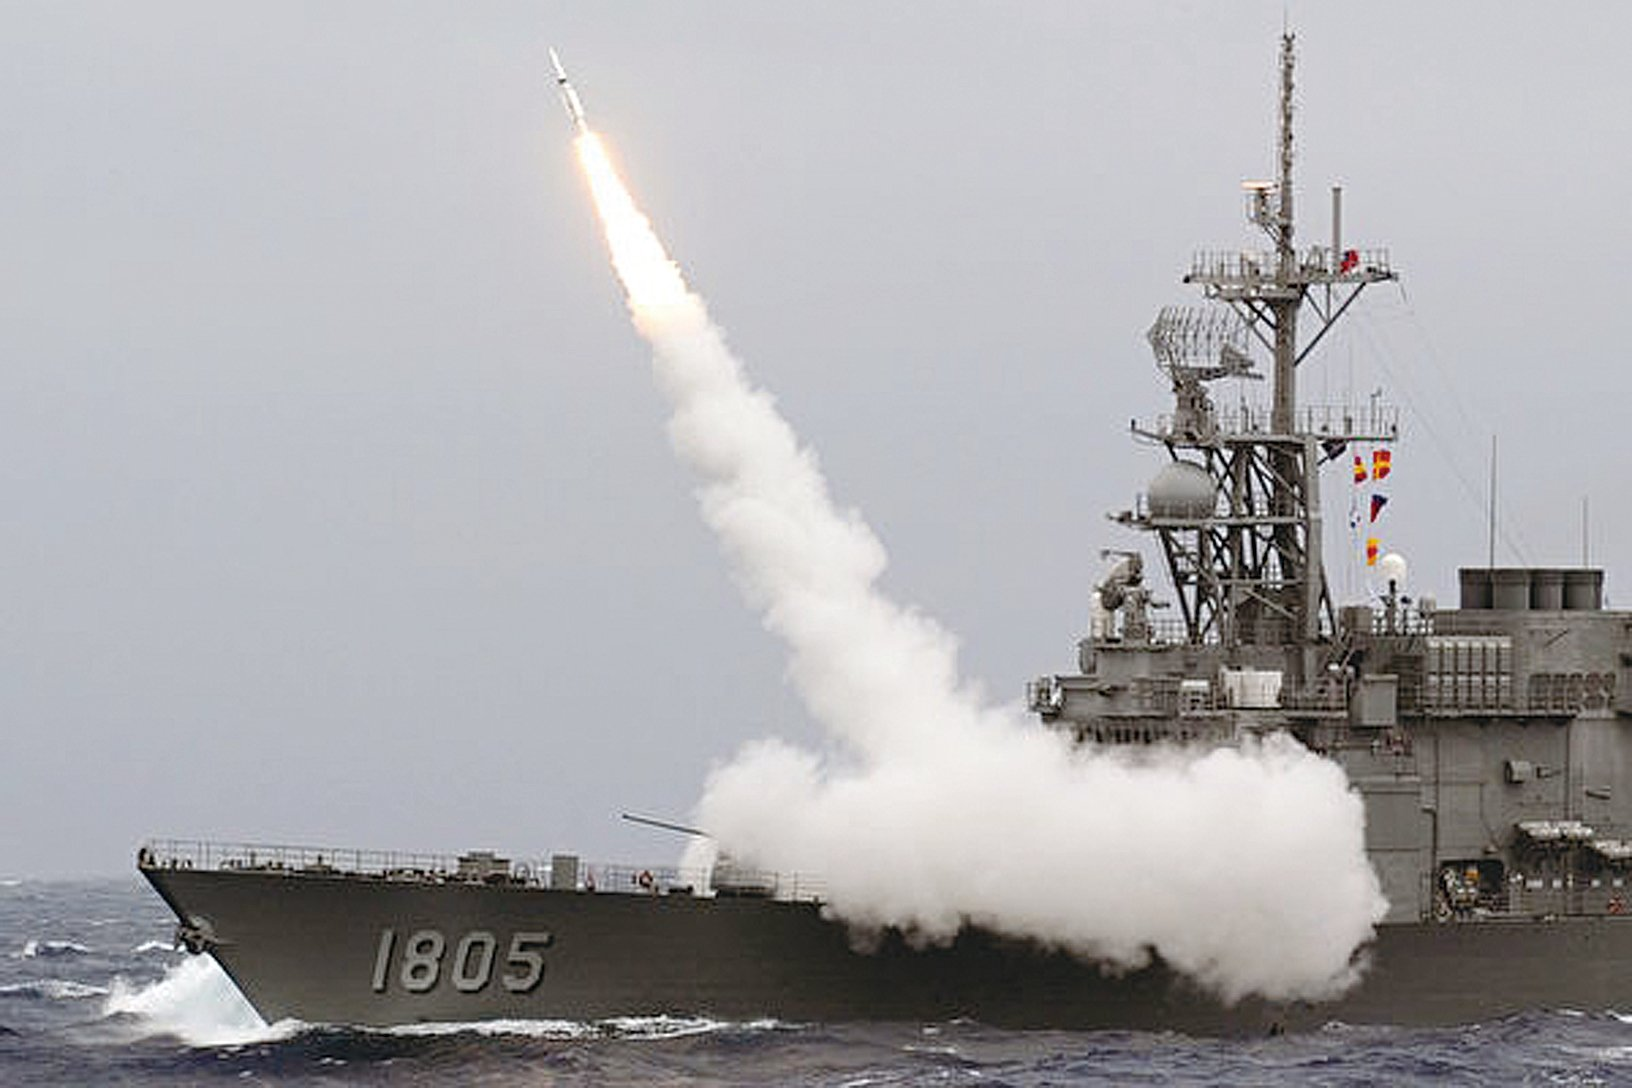 美國宣佈退出《中程導彈條約》,表面是敲打俄羅斯,實則劍指中共。圖為中華民國海軍軍事演習。 (SAM YEH/AFP/Getty Images)